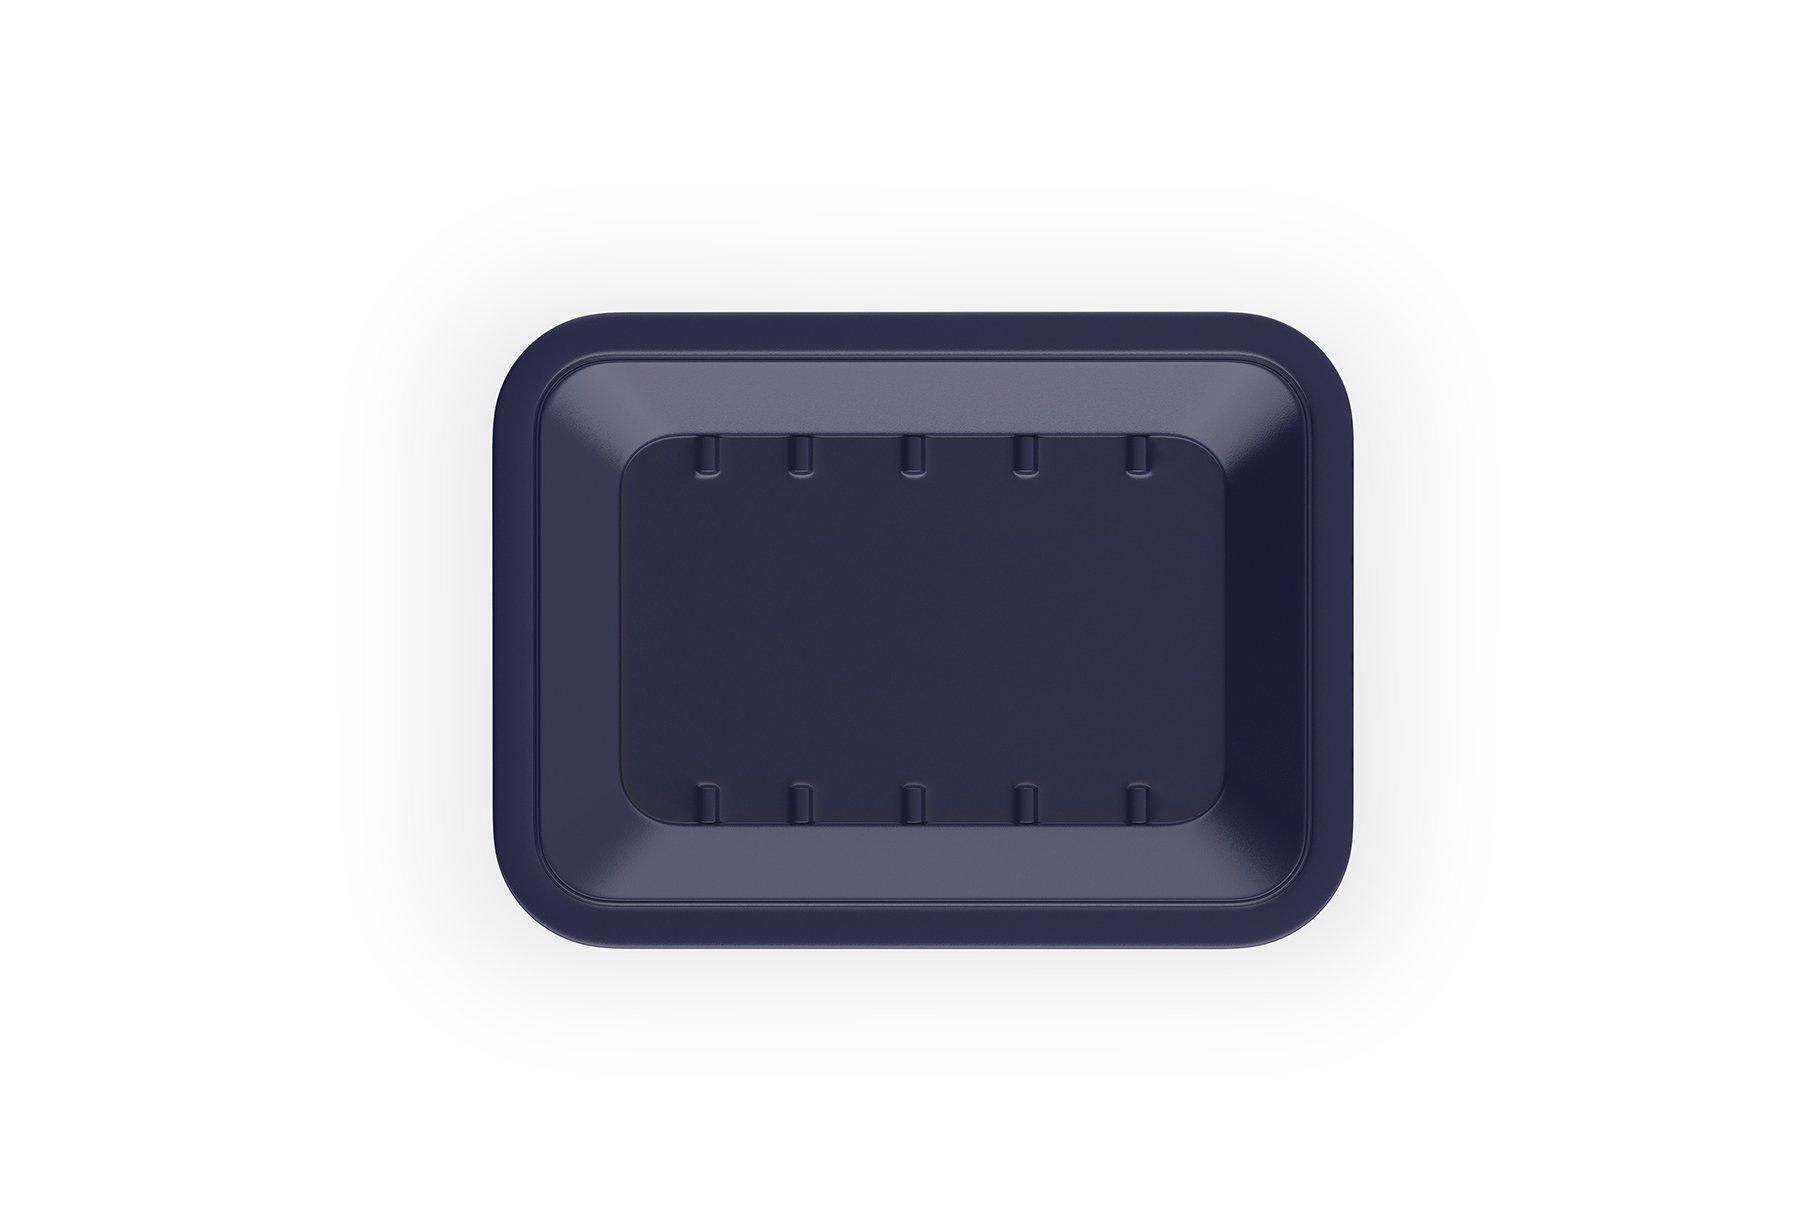 有机牛肉饼托盘设计展示样机 Organic Beef Cutlets Mockup插图(2)